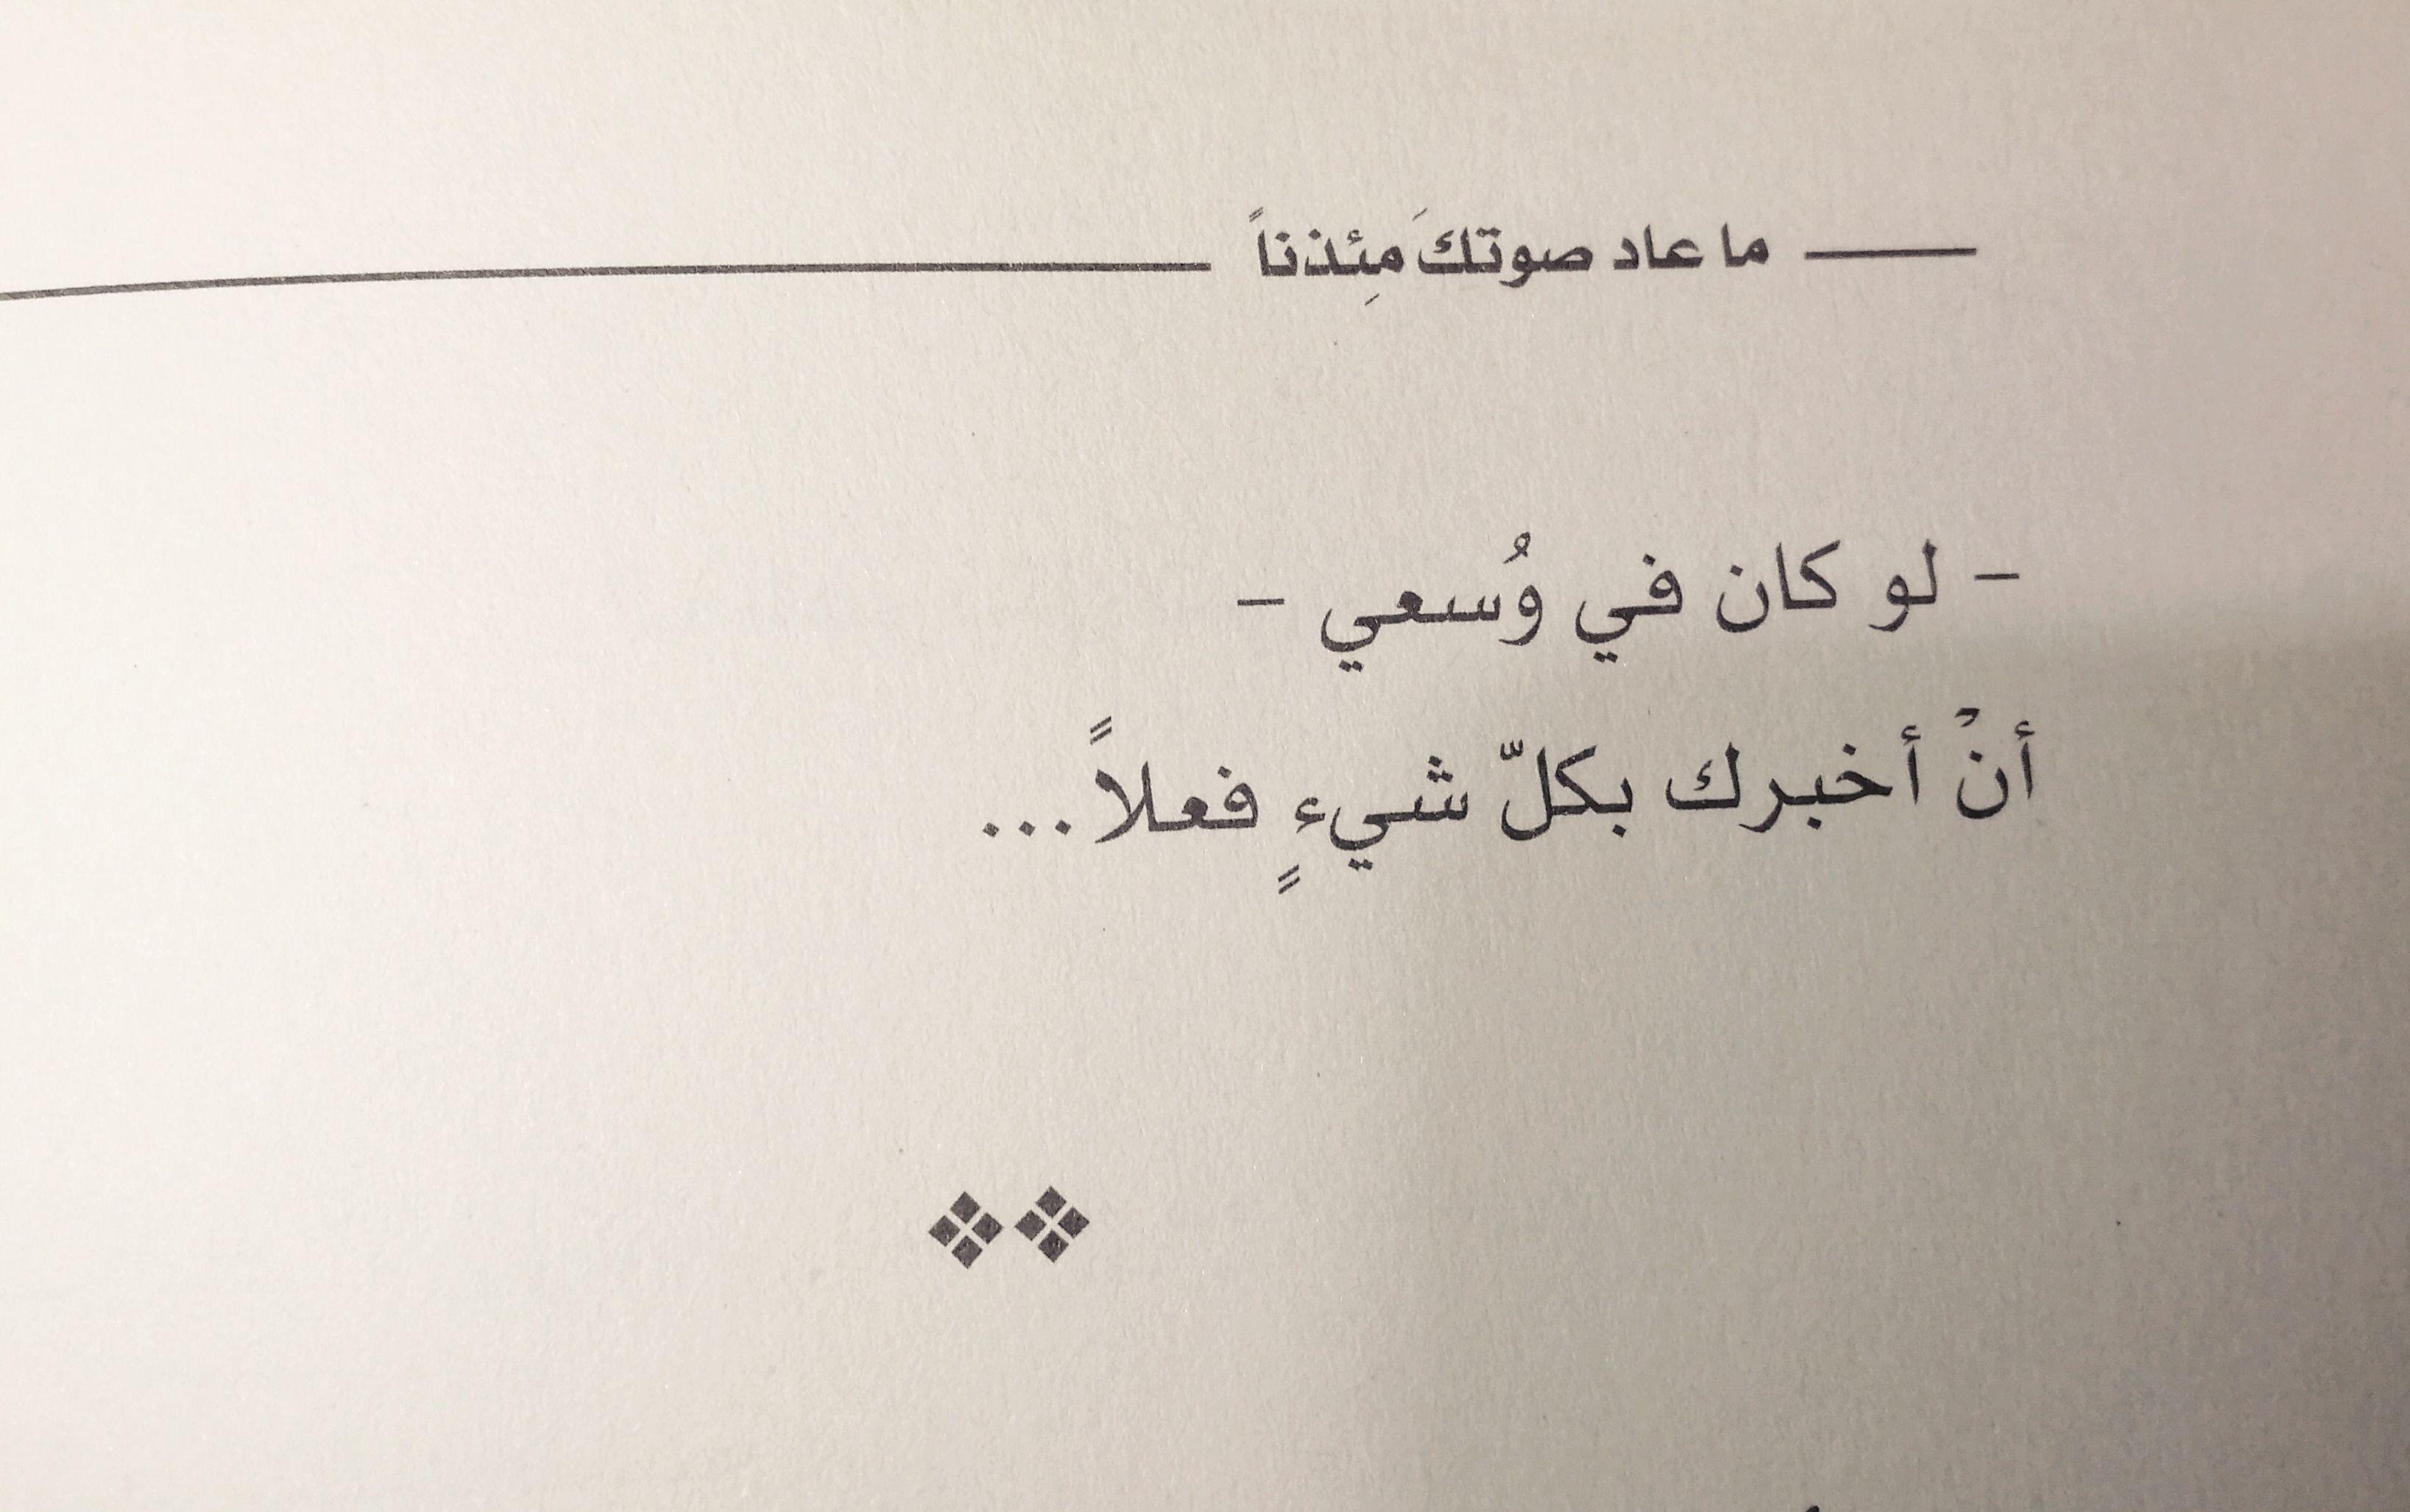 ما عاد صوتك مئذنا Arabic Quotes Book Quotes Quotes